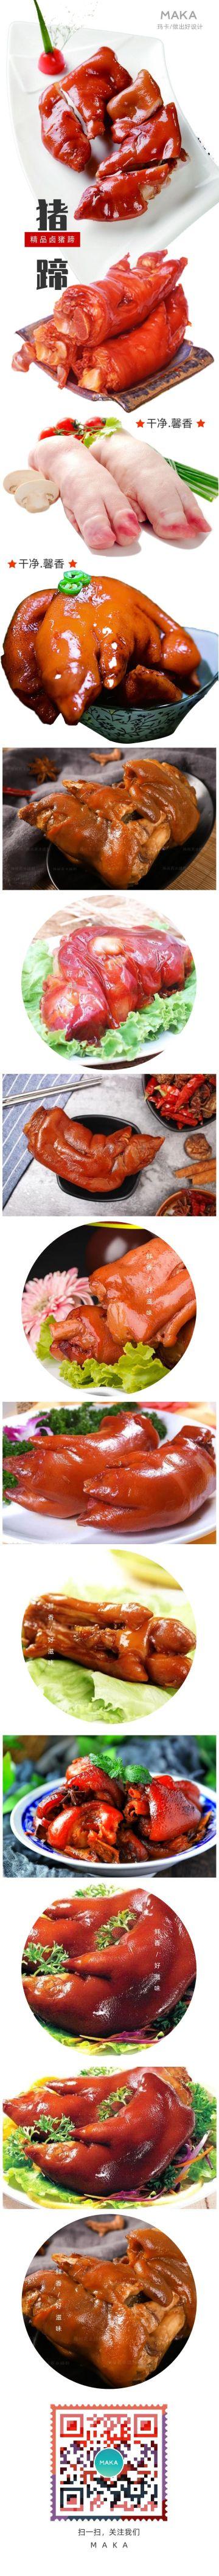 酱猪蹄扁平简约风格产品详情页海报